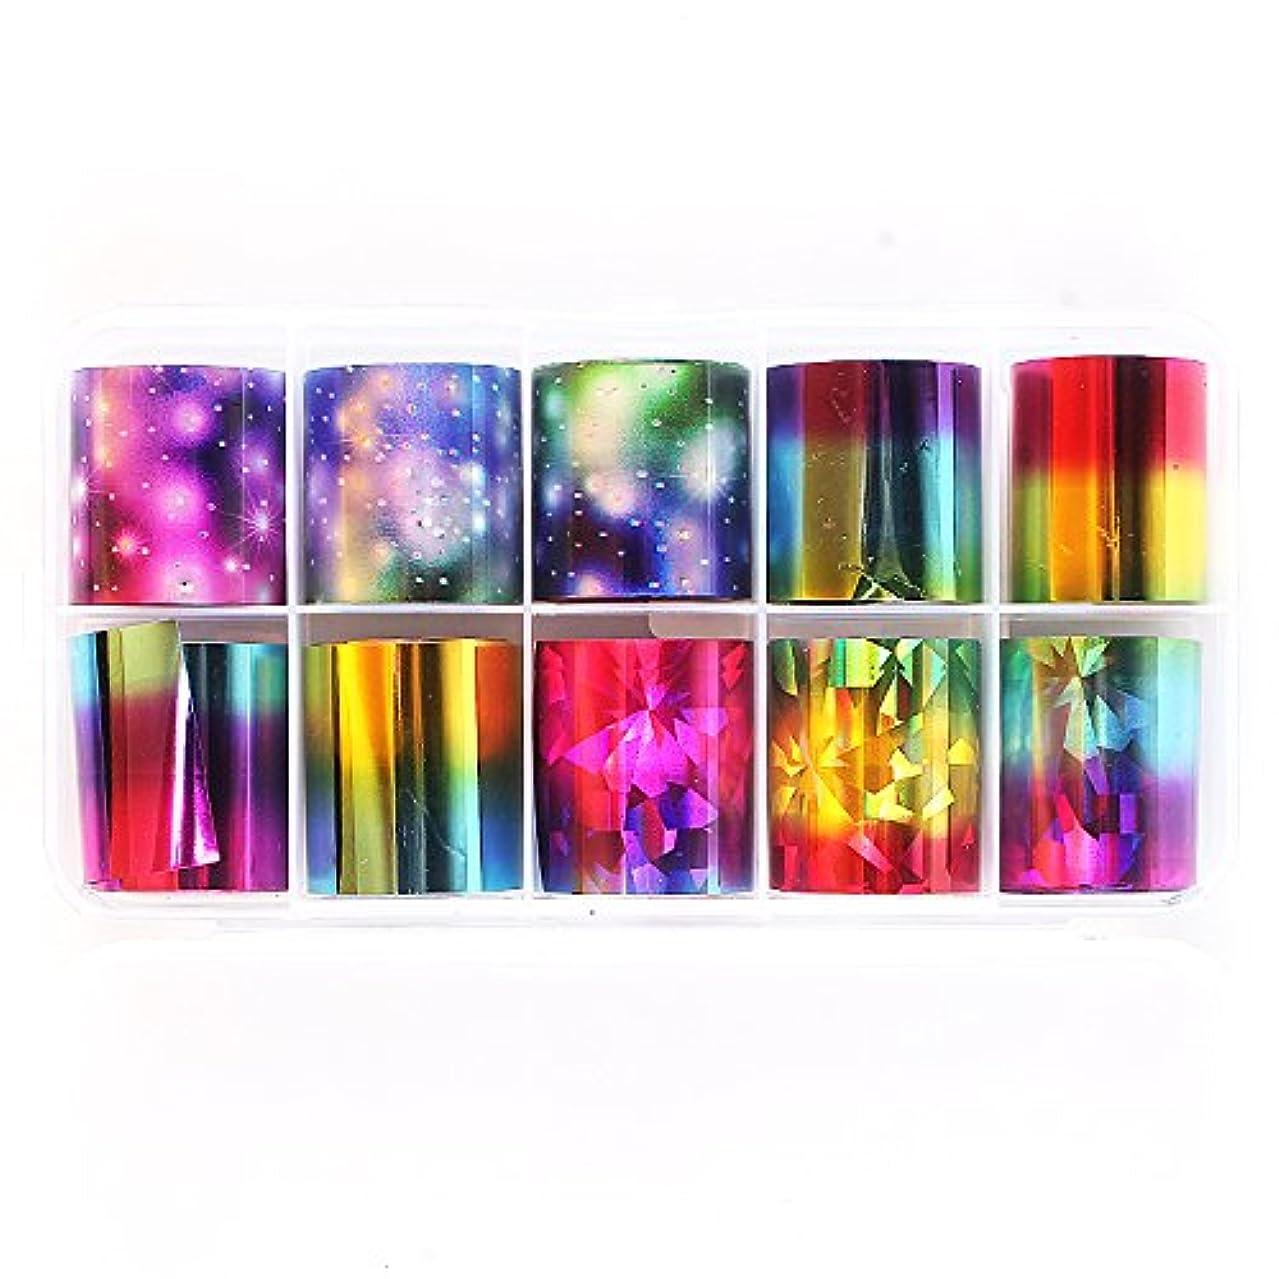 レンズ川狂気SUKTI&XIAO ネイルステッカー 12枚/箱カラフルな星空ネイル箔Diyクラフト接着剤接着剤アート箔マニキュア装飾用ネイルステッカー紙